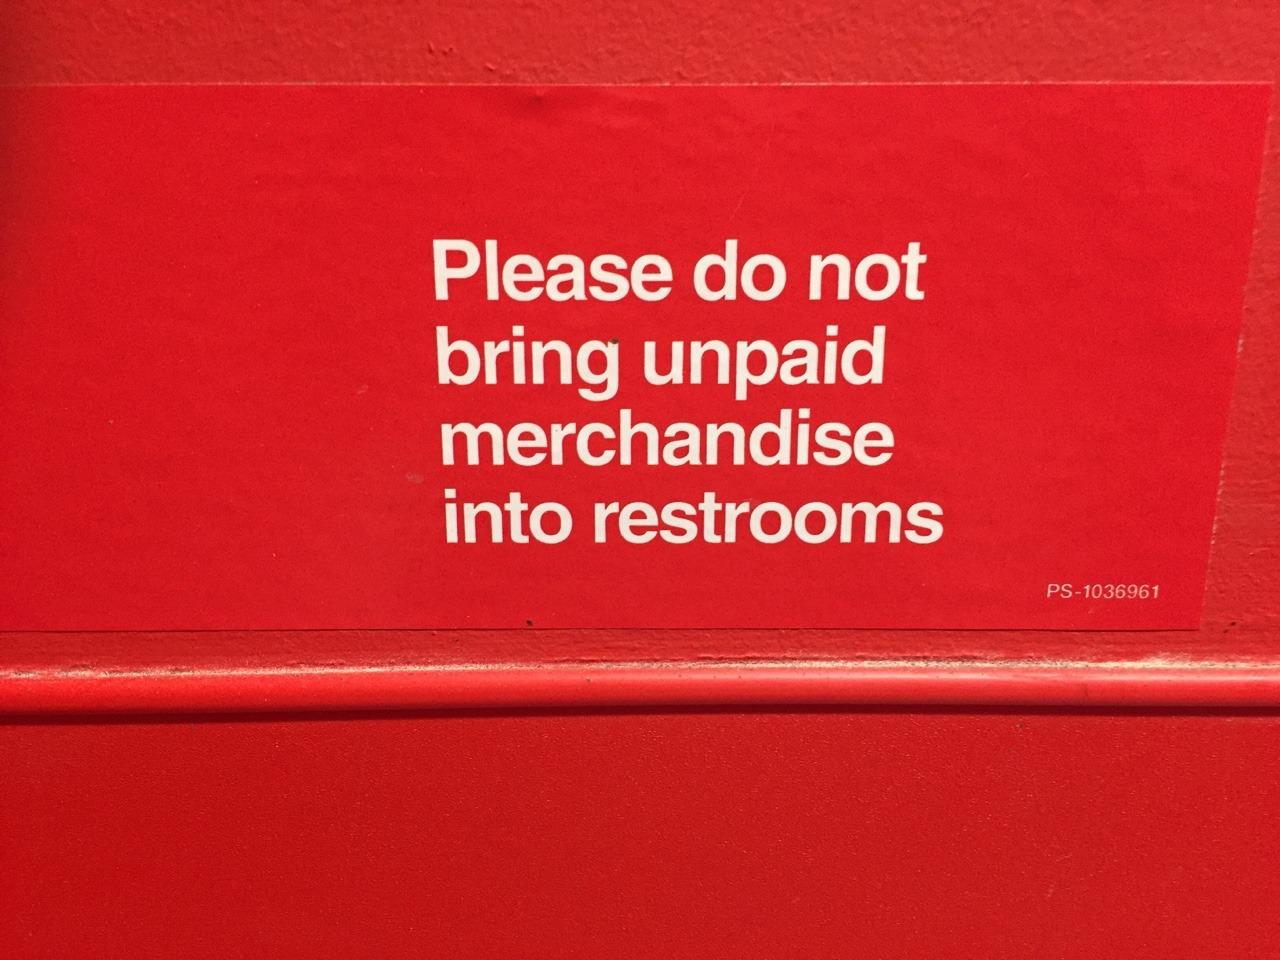 No unpaid merchandise.jpg